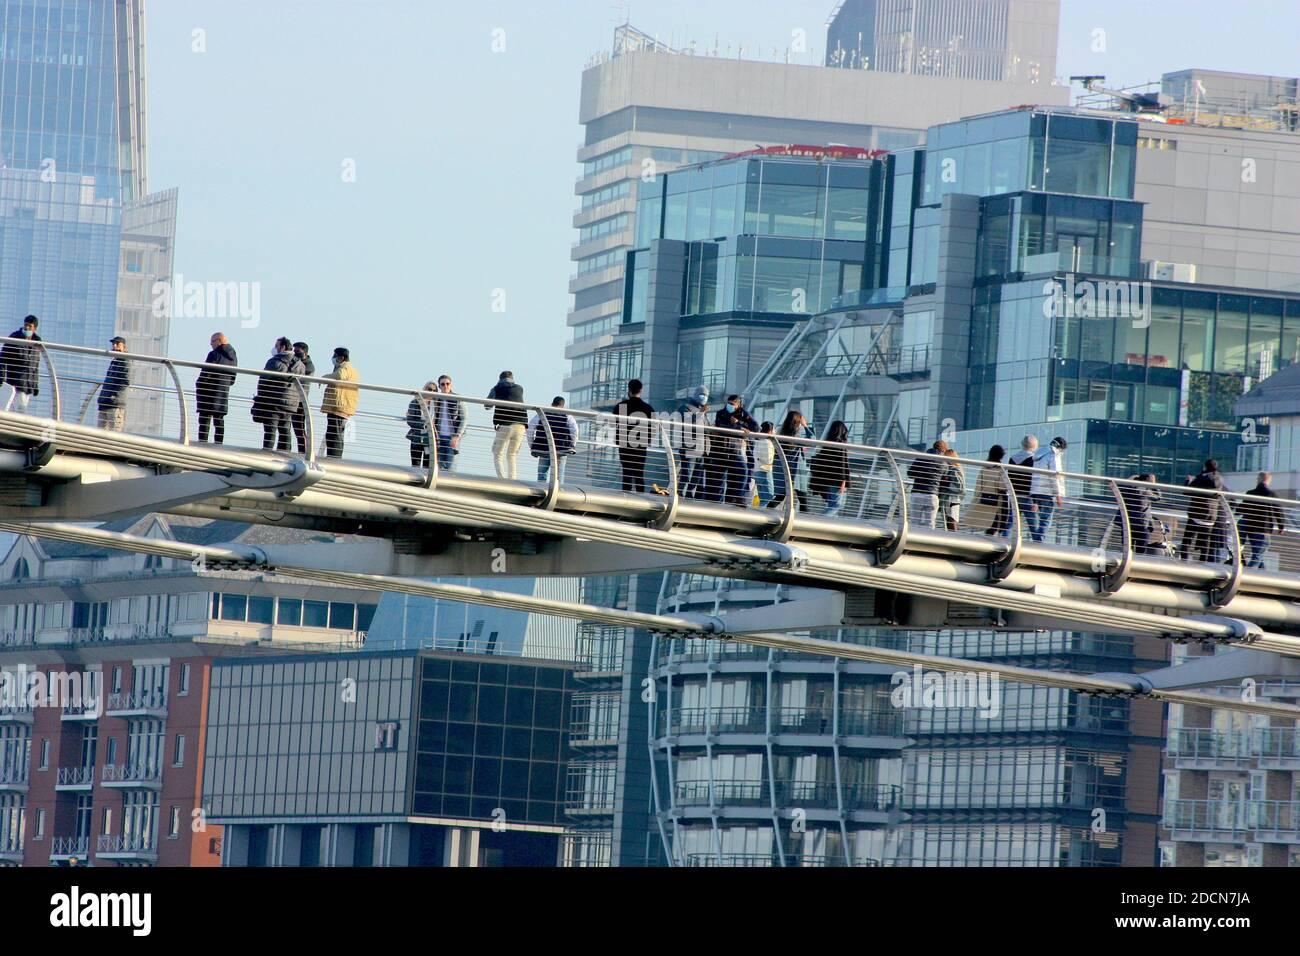 Vista del Puente del Milenio desde la orilla norte del río Támesis, Londres Foto de stock